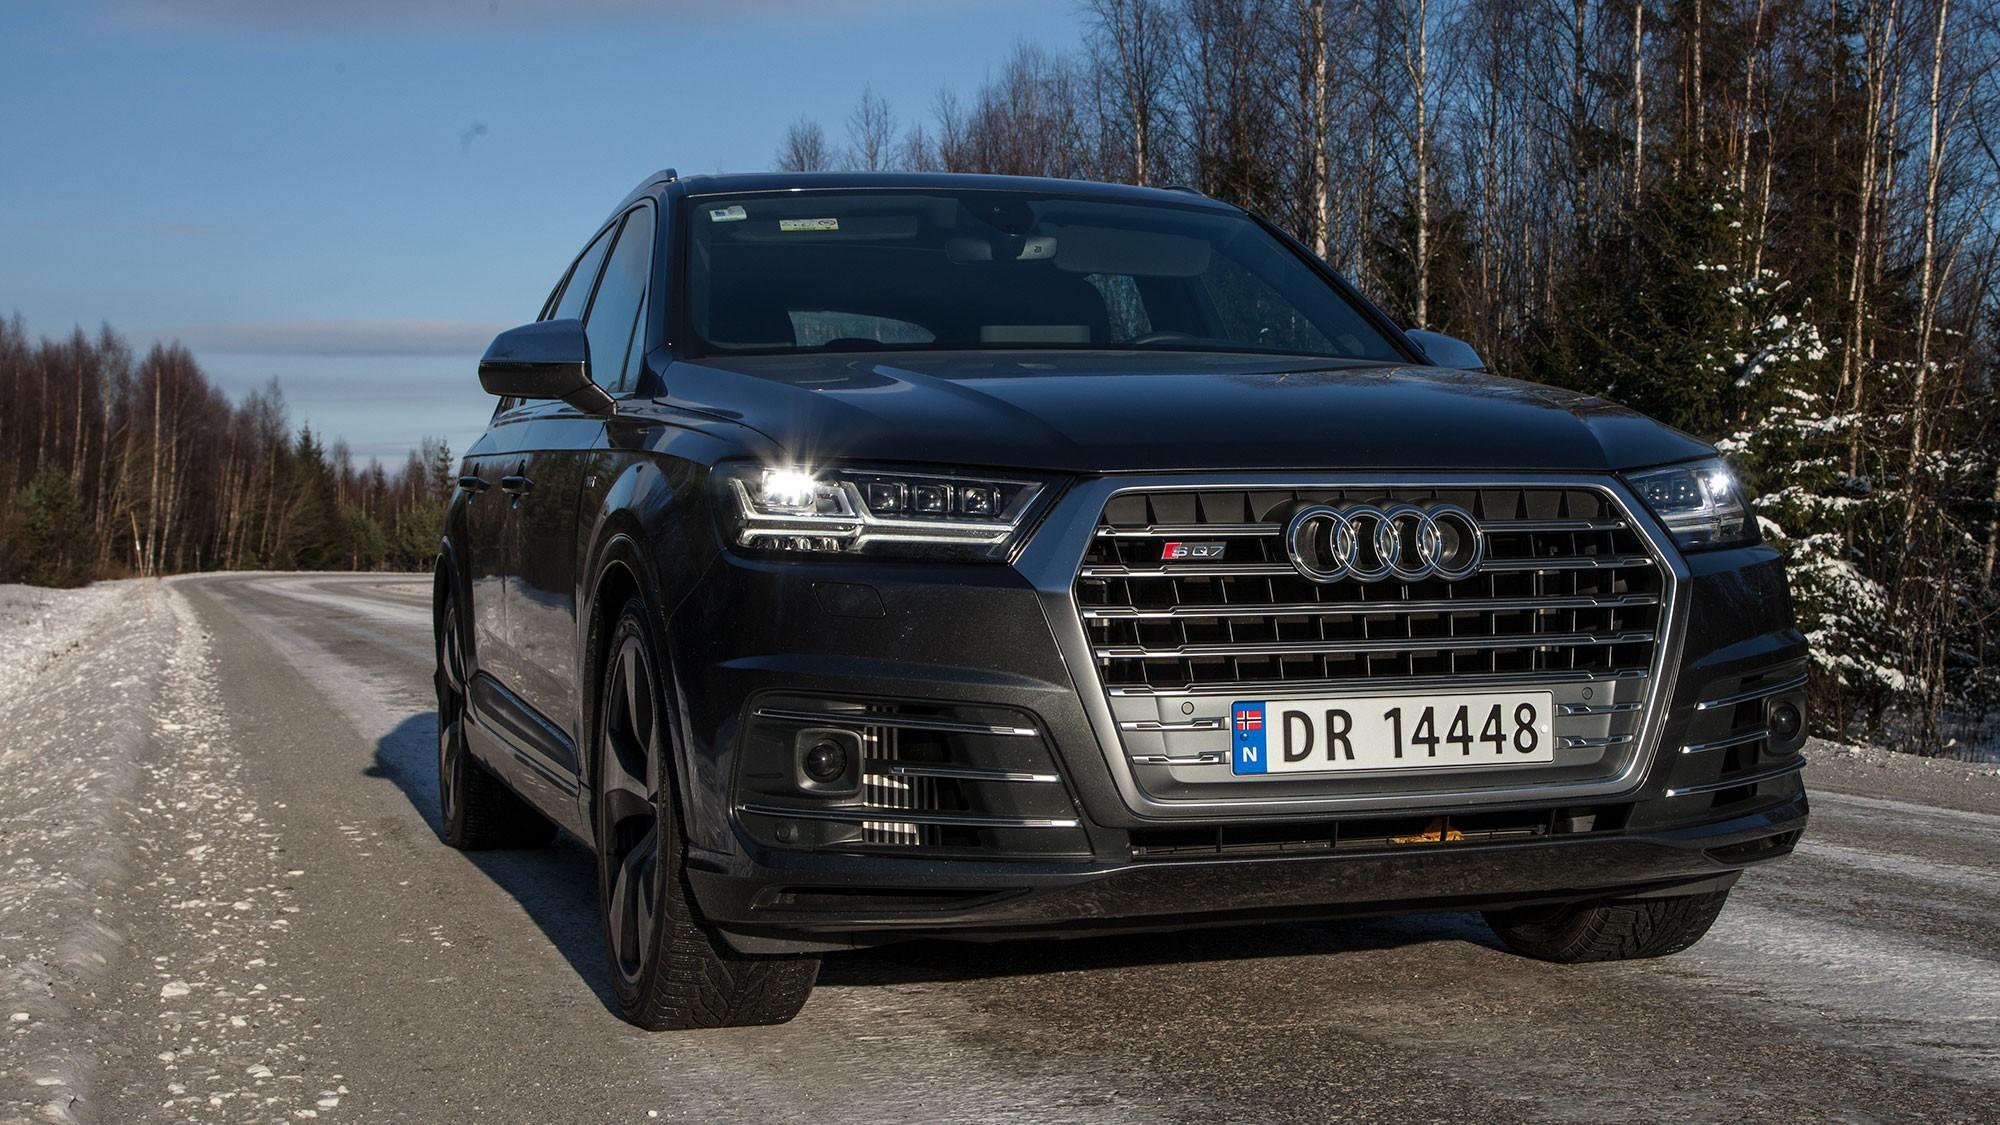 TØFFING: Ingen skal si at Audi lager biler med diskrete griller - og det som befinner seg under panseret er enda råere.